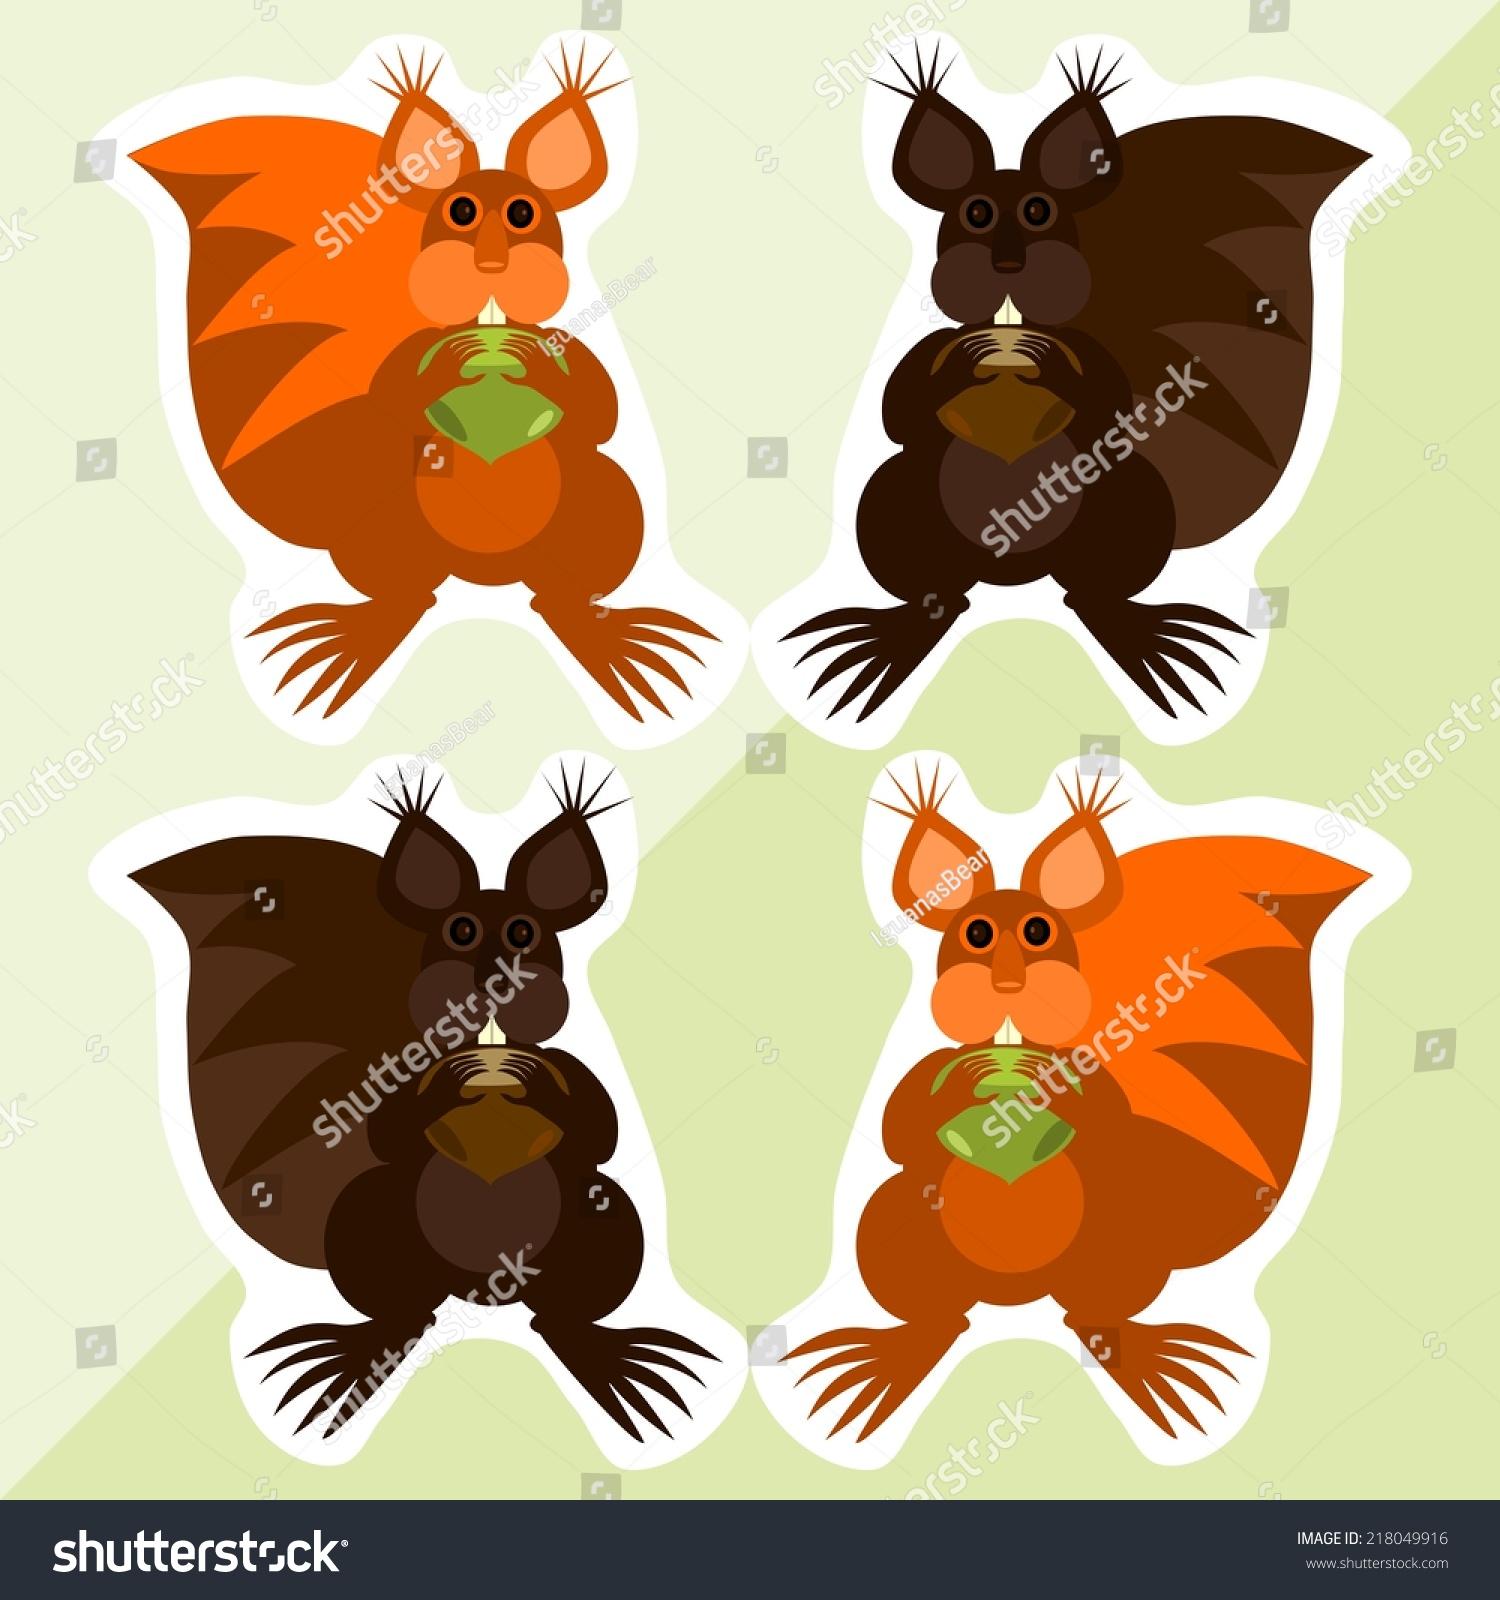 松鼠榛子——可爱的彩色贴纸-动物/野生生物,科技-()